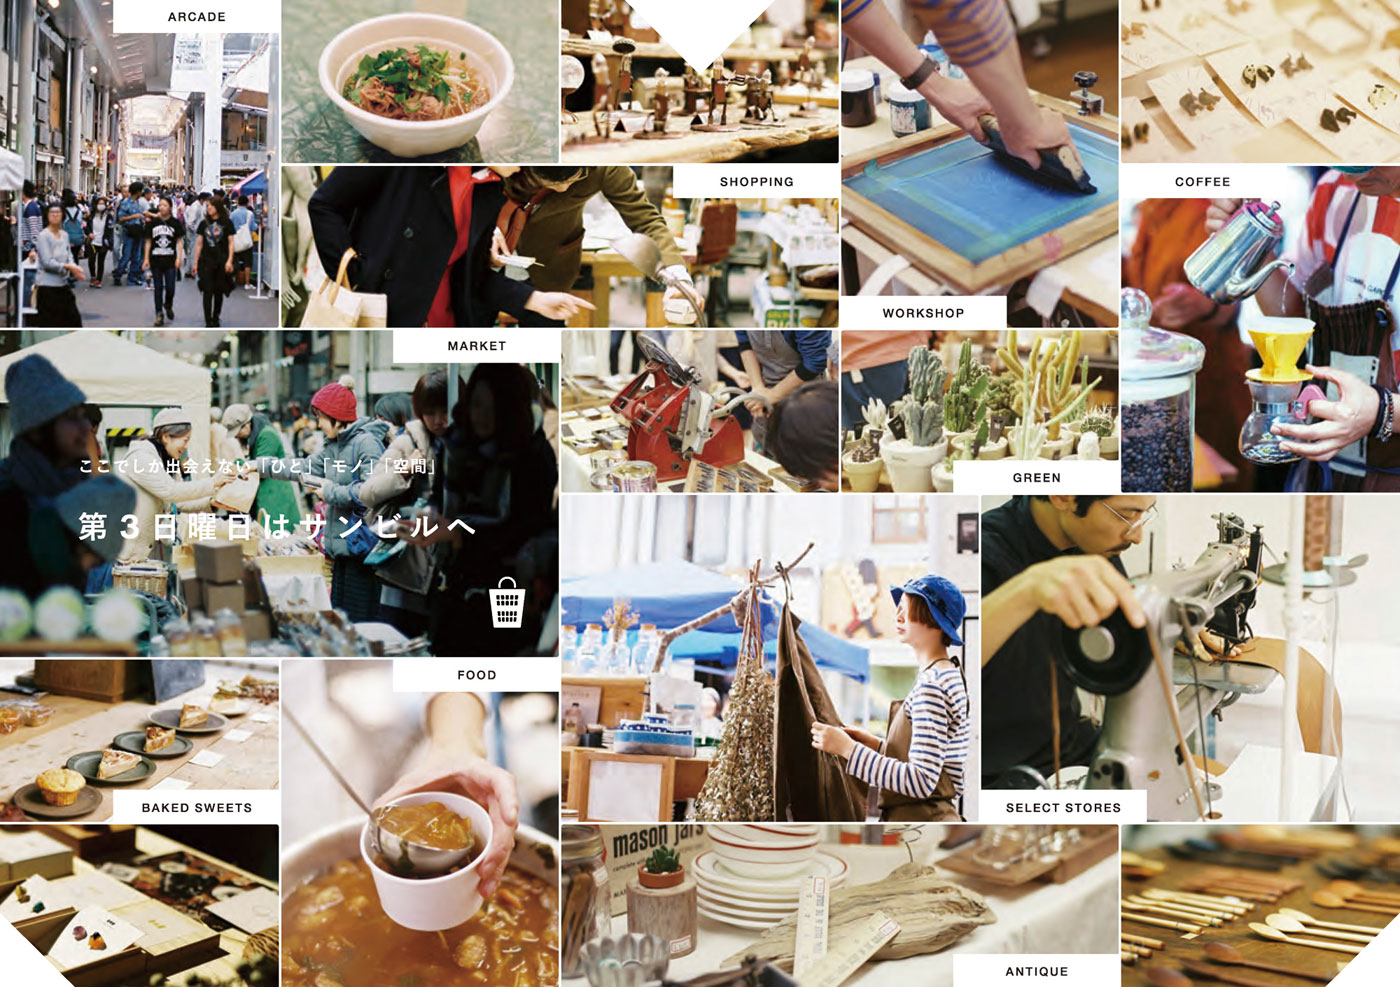 明日は岐阜市の柳が瀬商店街に出店です_e0155231_13292979.jpg